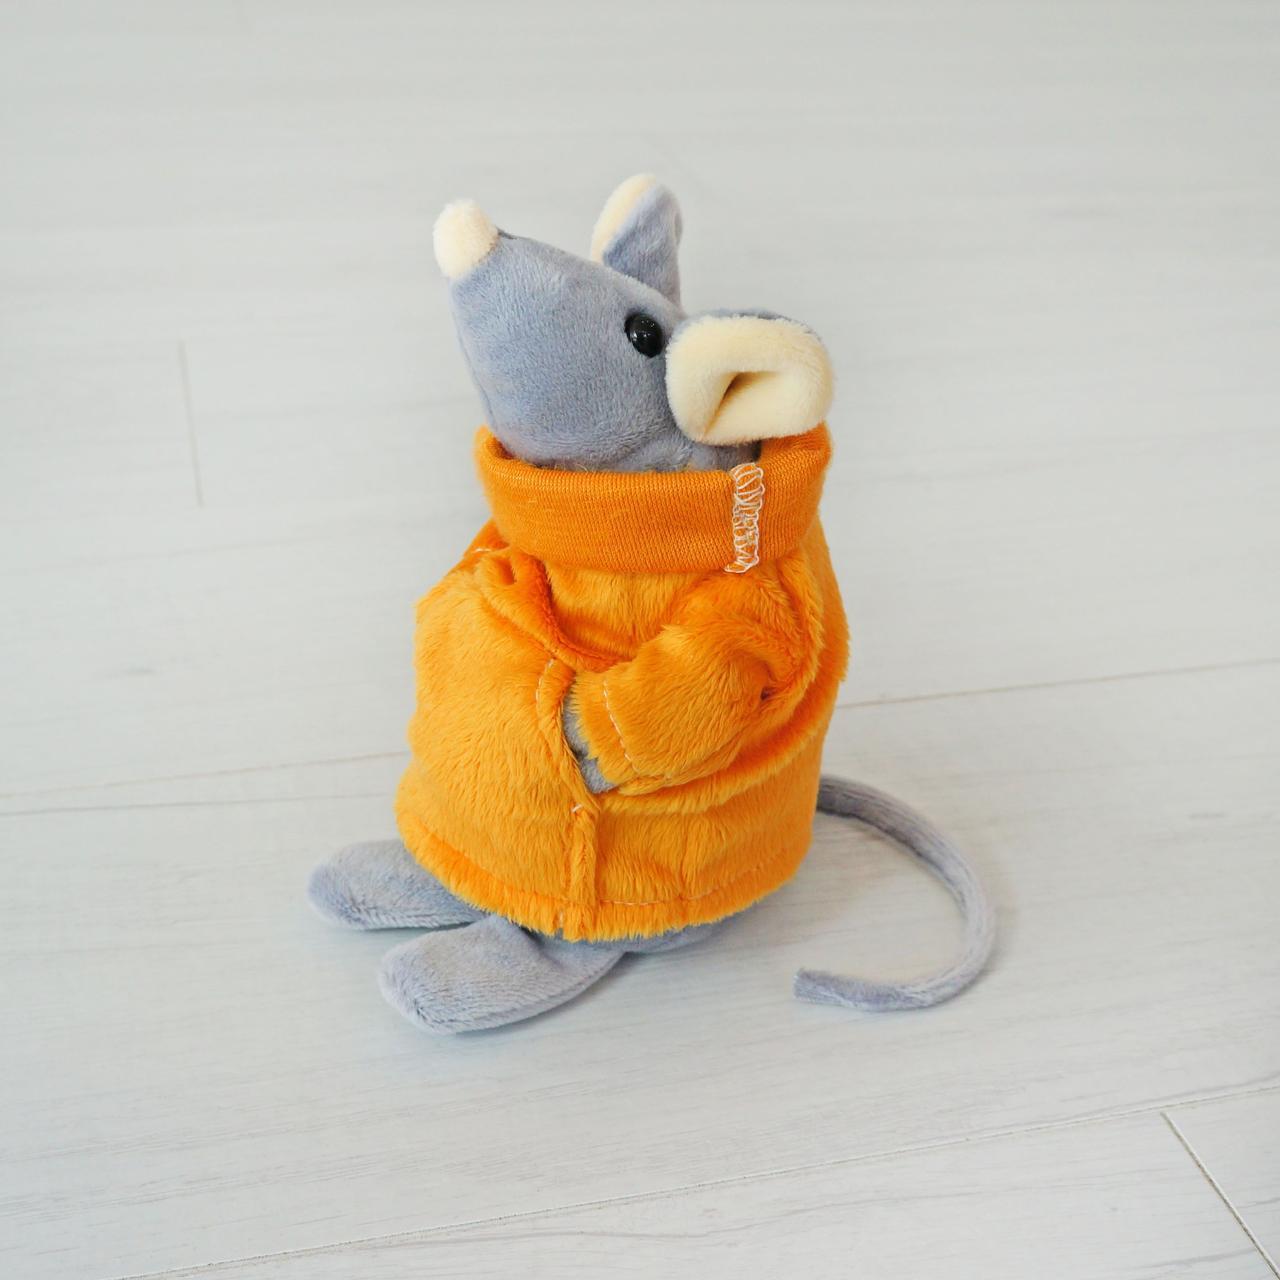 М'яка іграшка Kronos Toys Мишеня Сниффи 15 см Сірий з оранжевим (zol_175)